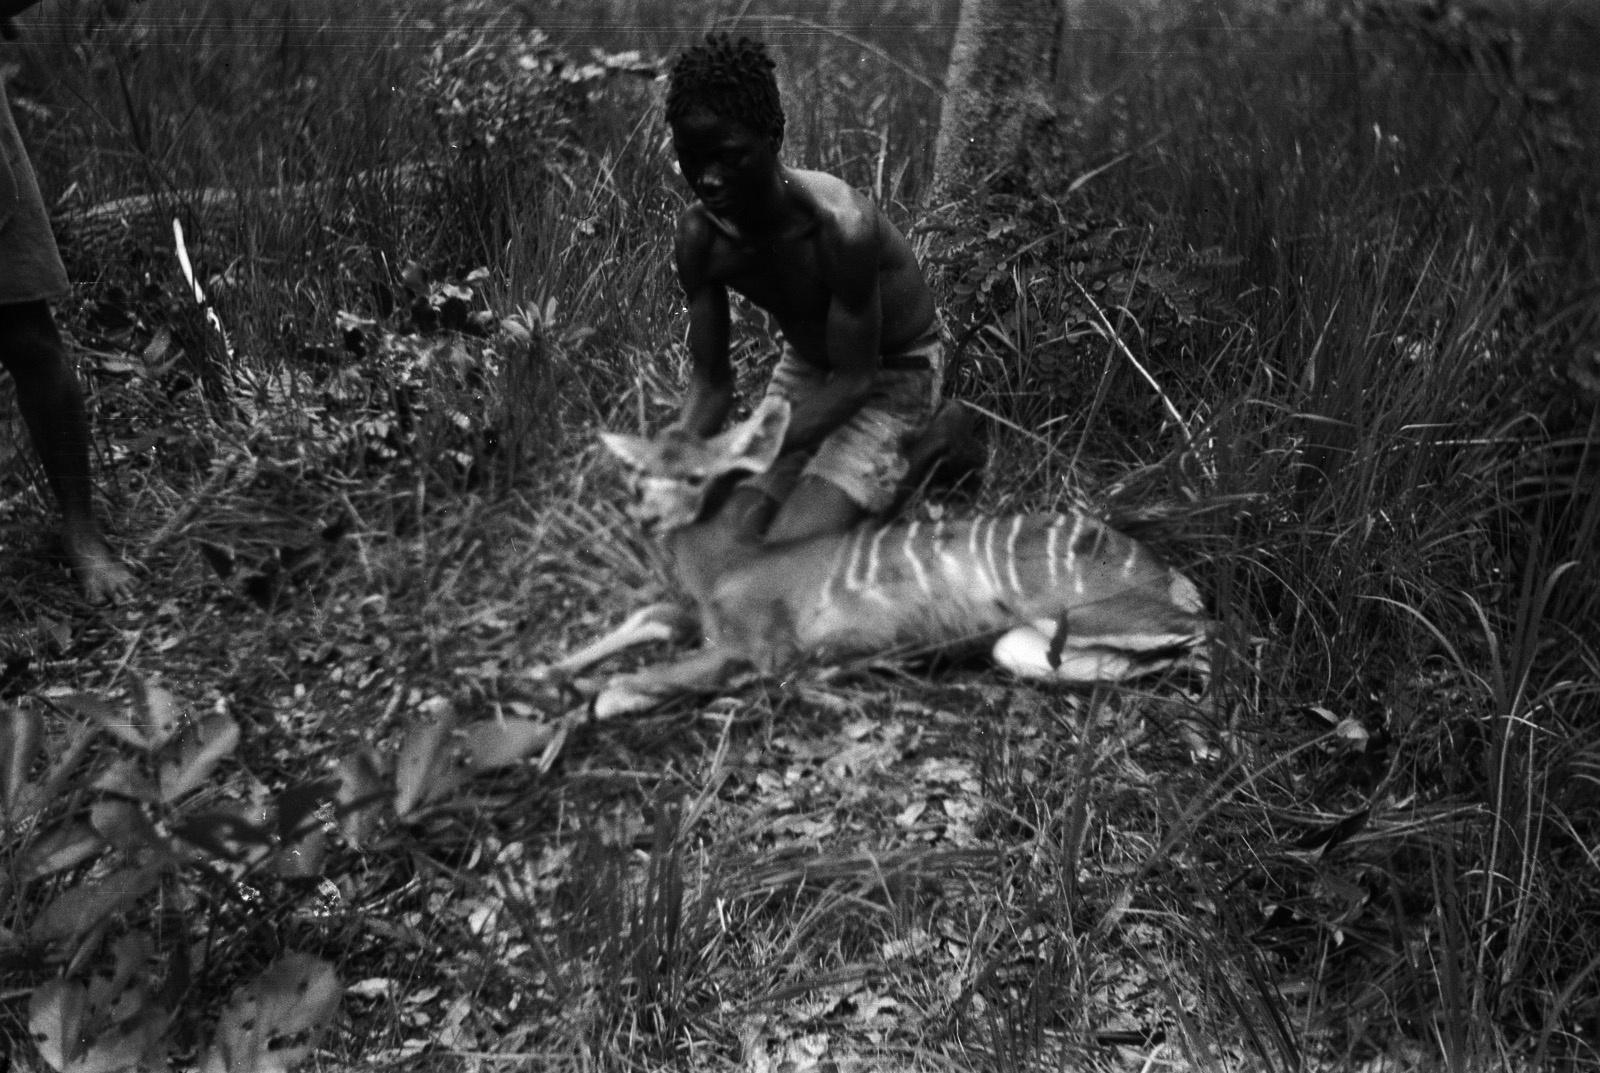 Между Капири Мпоши и рекой Лунсемфва. Молодой кальвено показывает убитую молодую антилопу